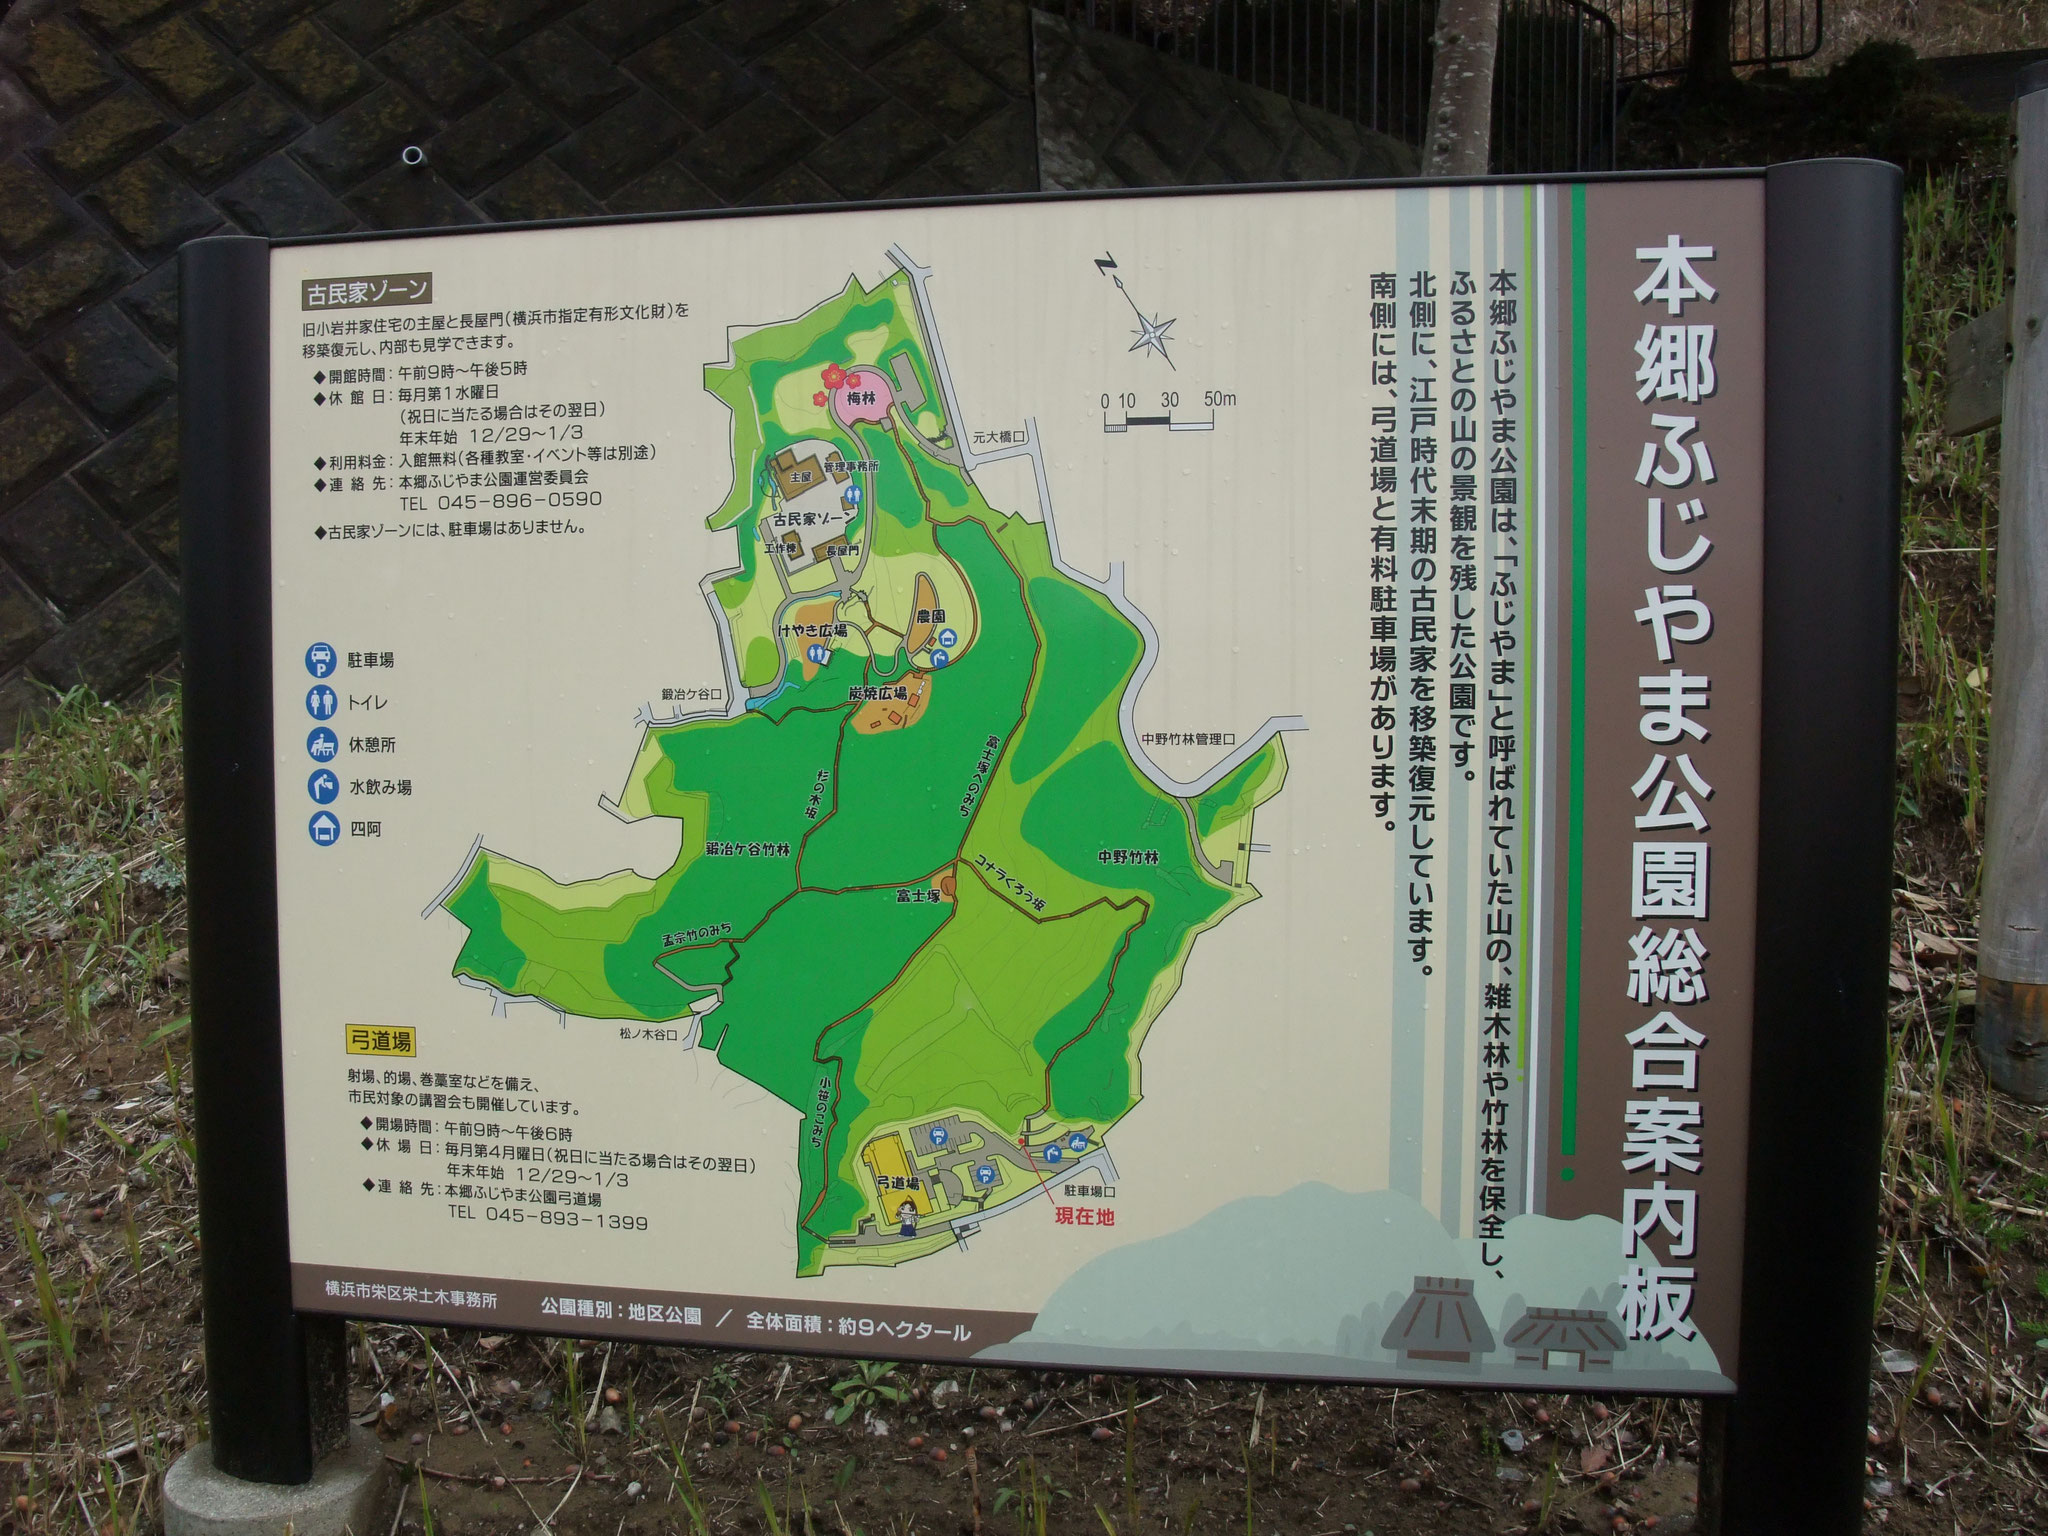 本郷ふじやま公園の案内図